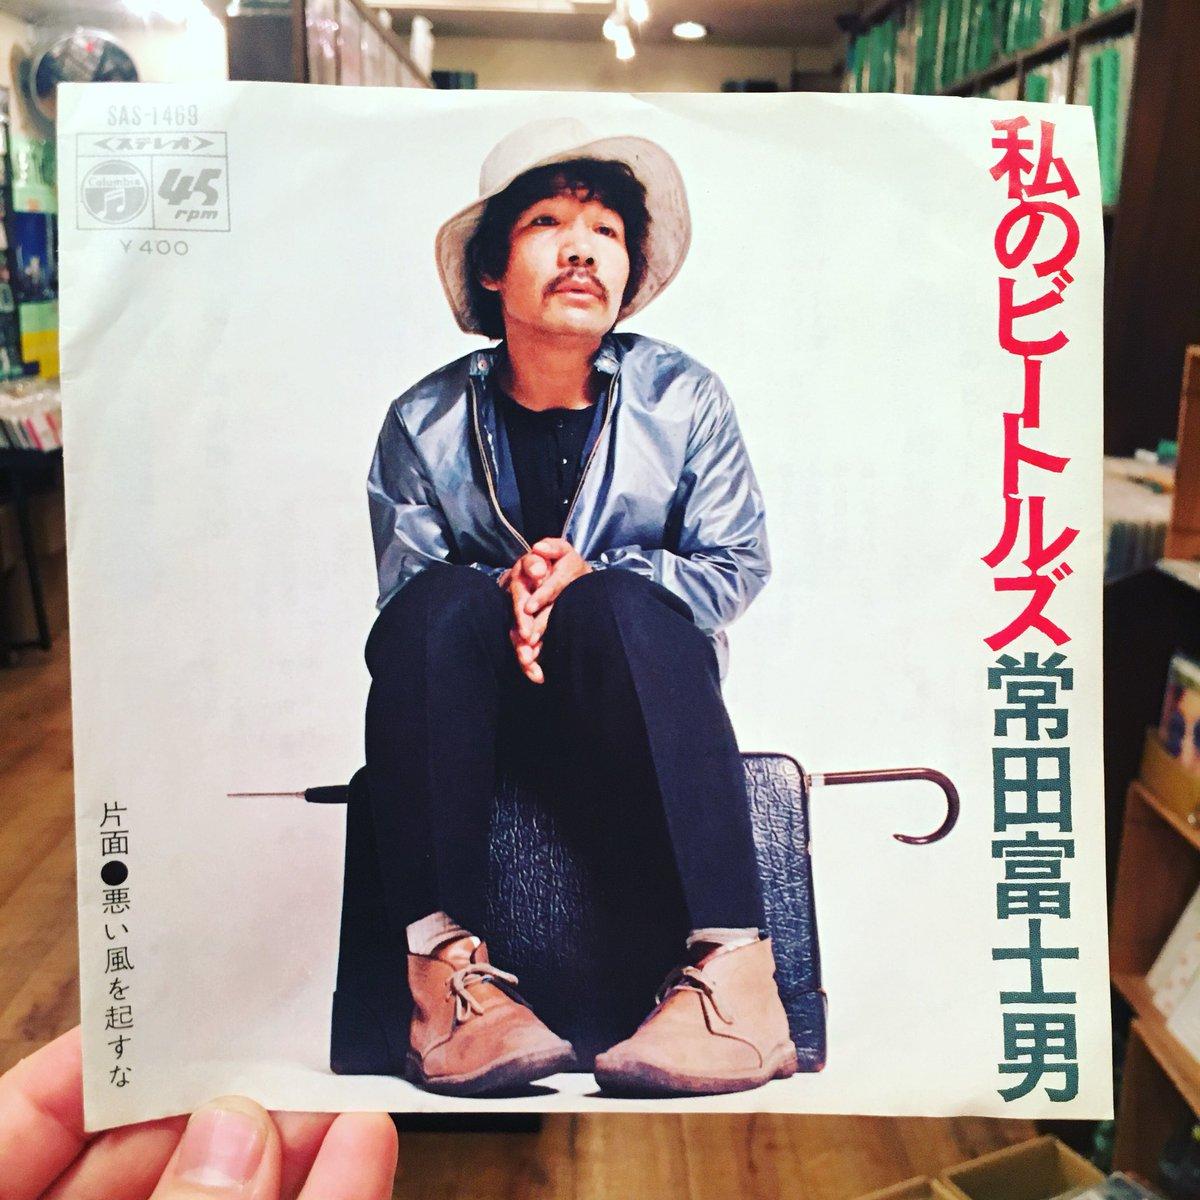 常田富士男 私のビートルズpic.twitter.com/2vRSH4ix27